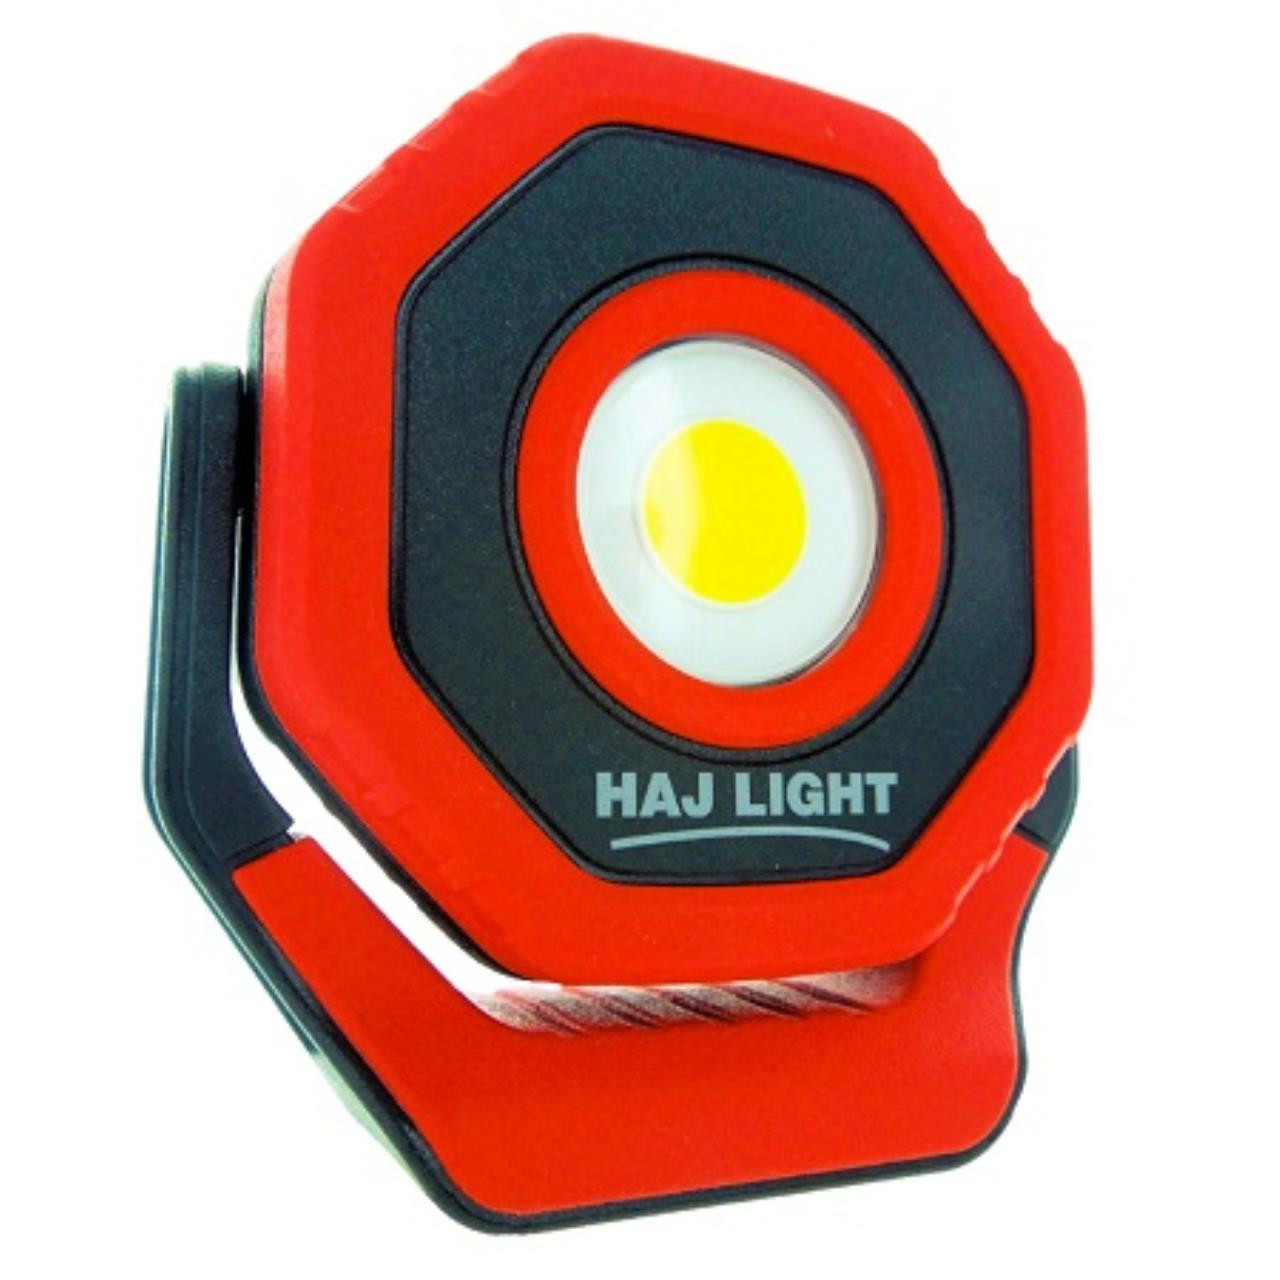 HAJLIGHT Genopladelig arbejdslampe 700lumen magnet